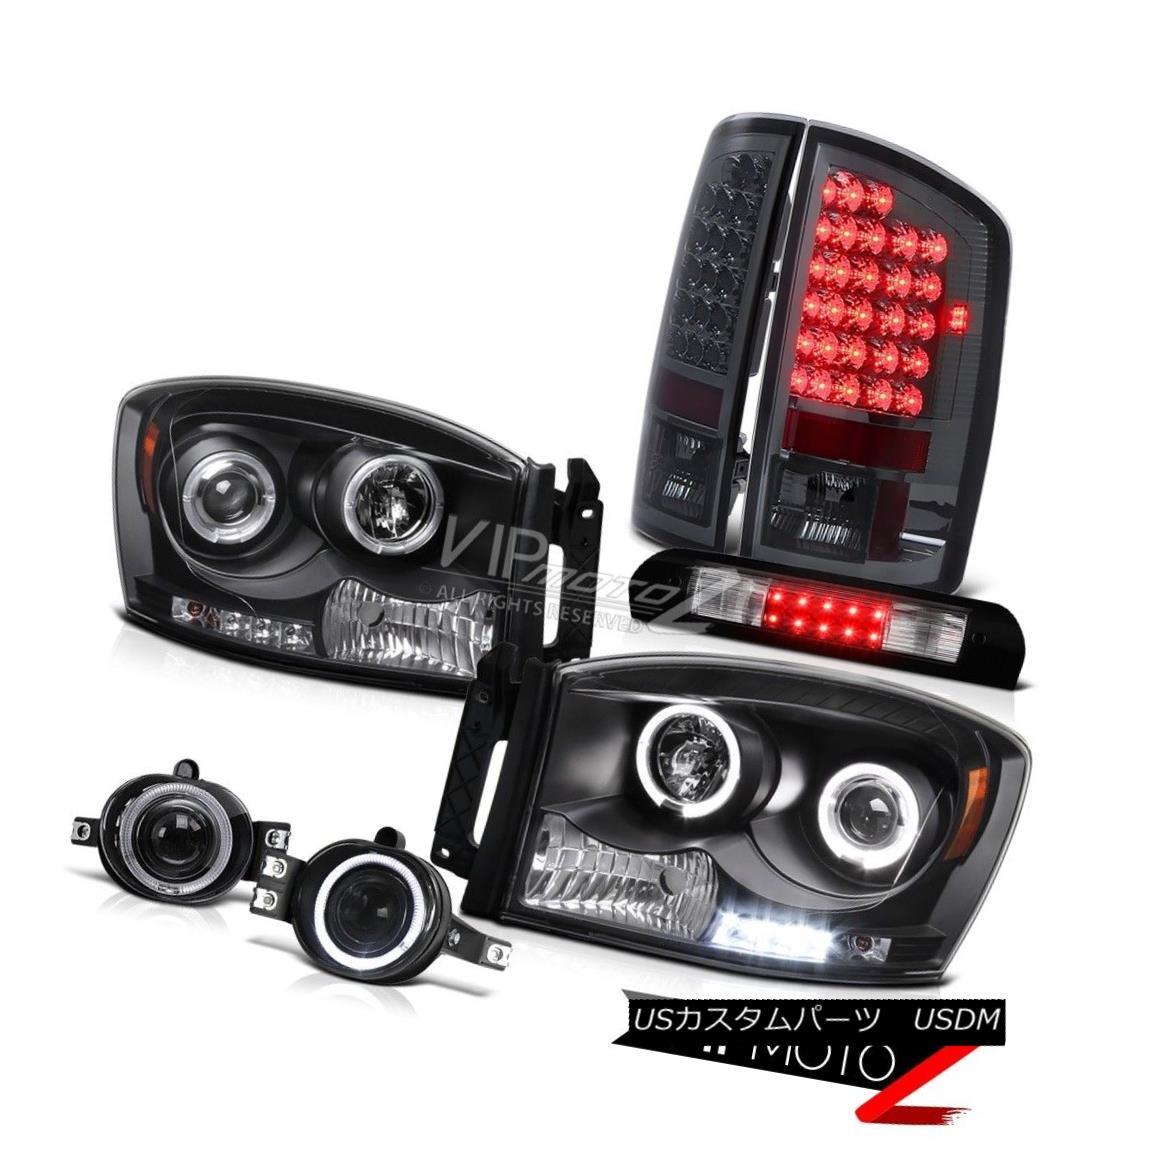 ヘッドライト 07 08 Ram PowerTech L.E.D DRL Halo Headlights Smoke Brake Lamps Chrome Fog High 07 08 Ram PowerTech L.E.D DRLハローヘッドライトスモークブレーキランプクロムフォグハイ